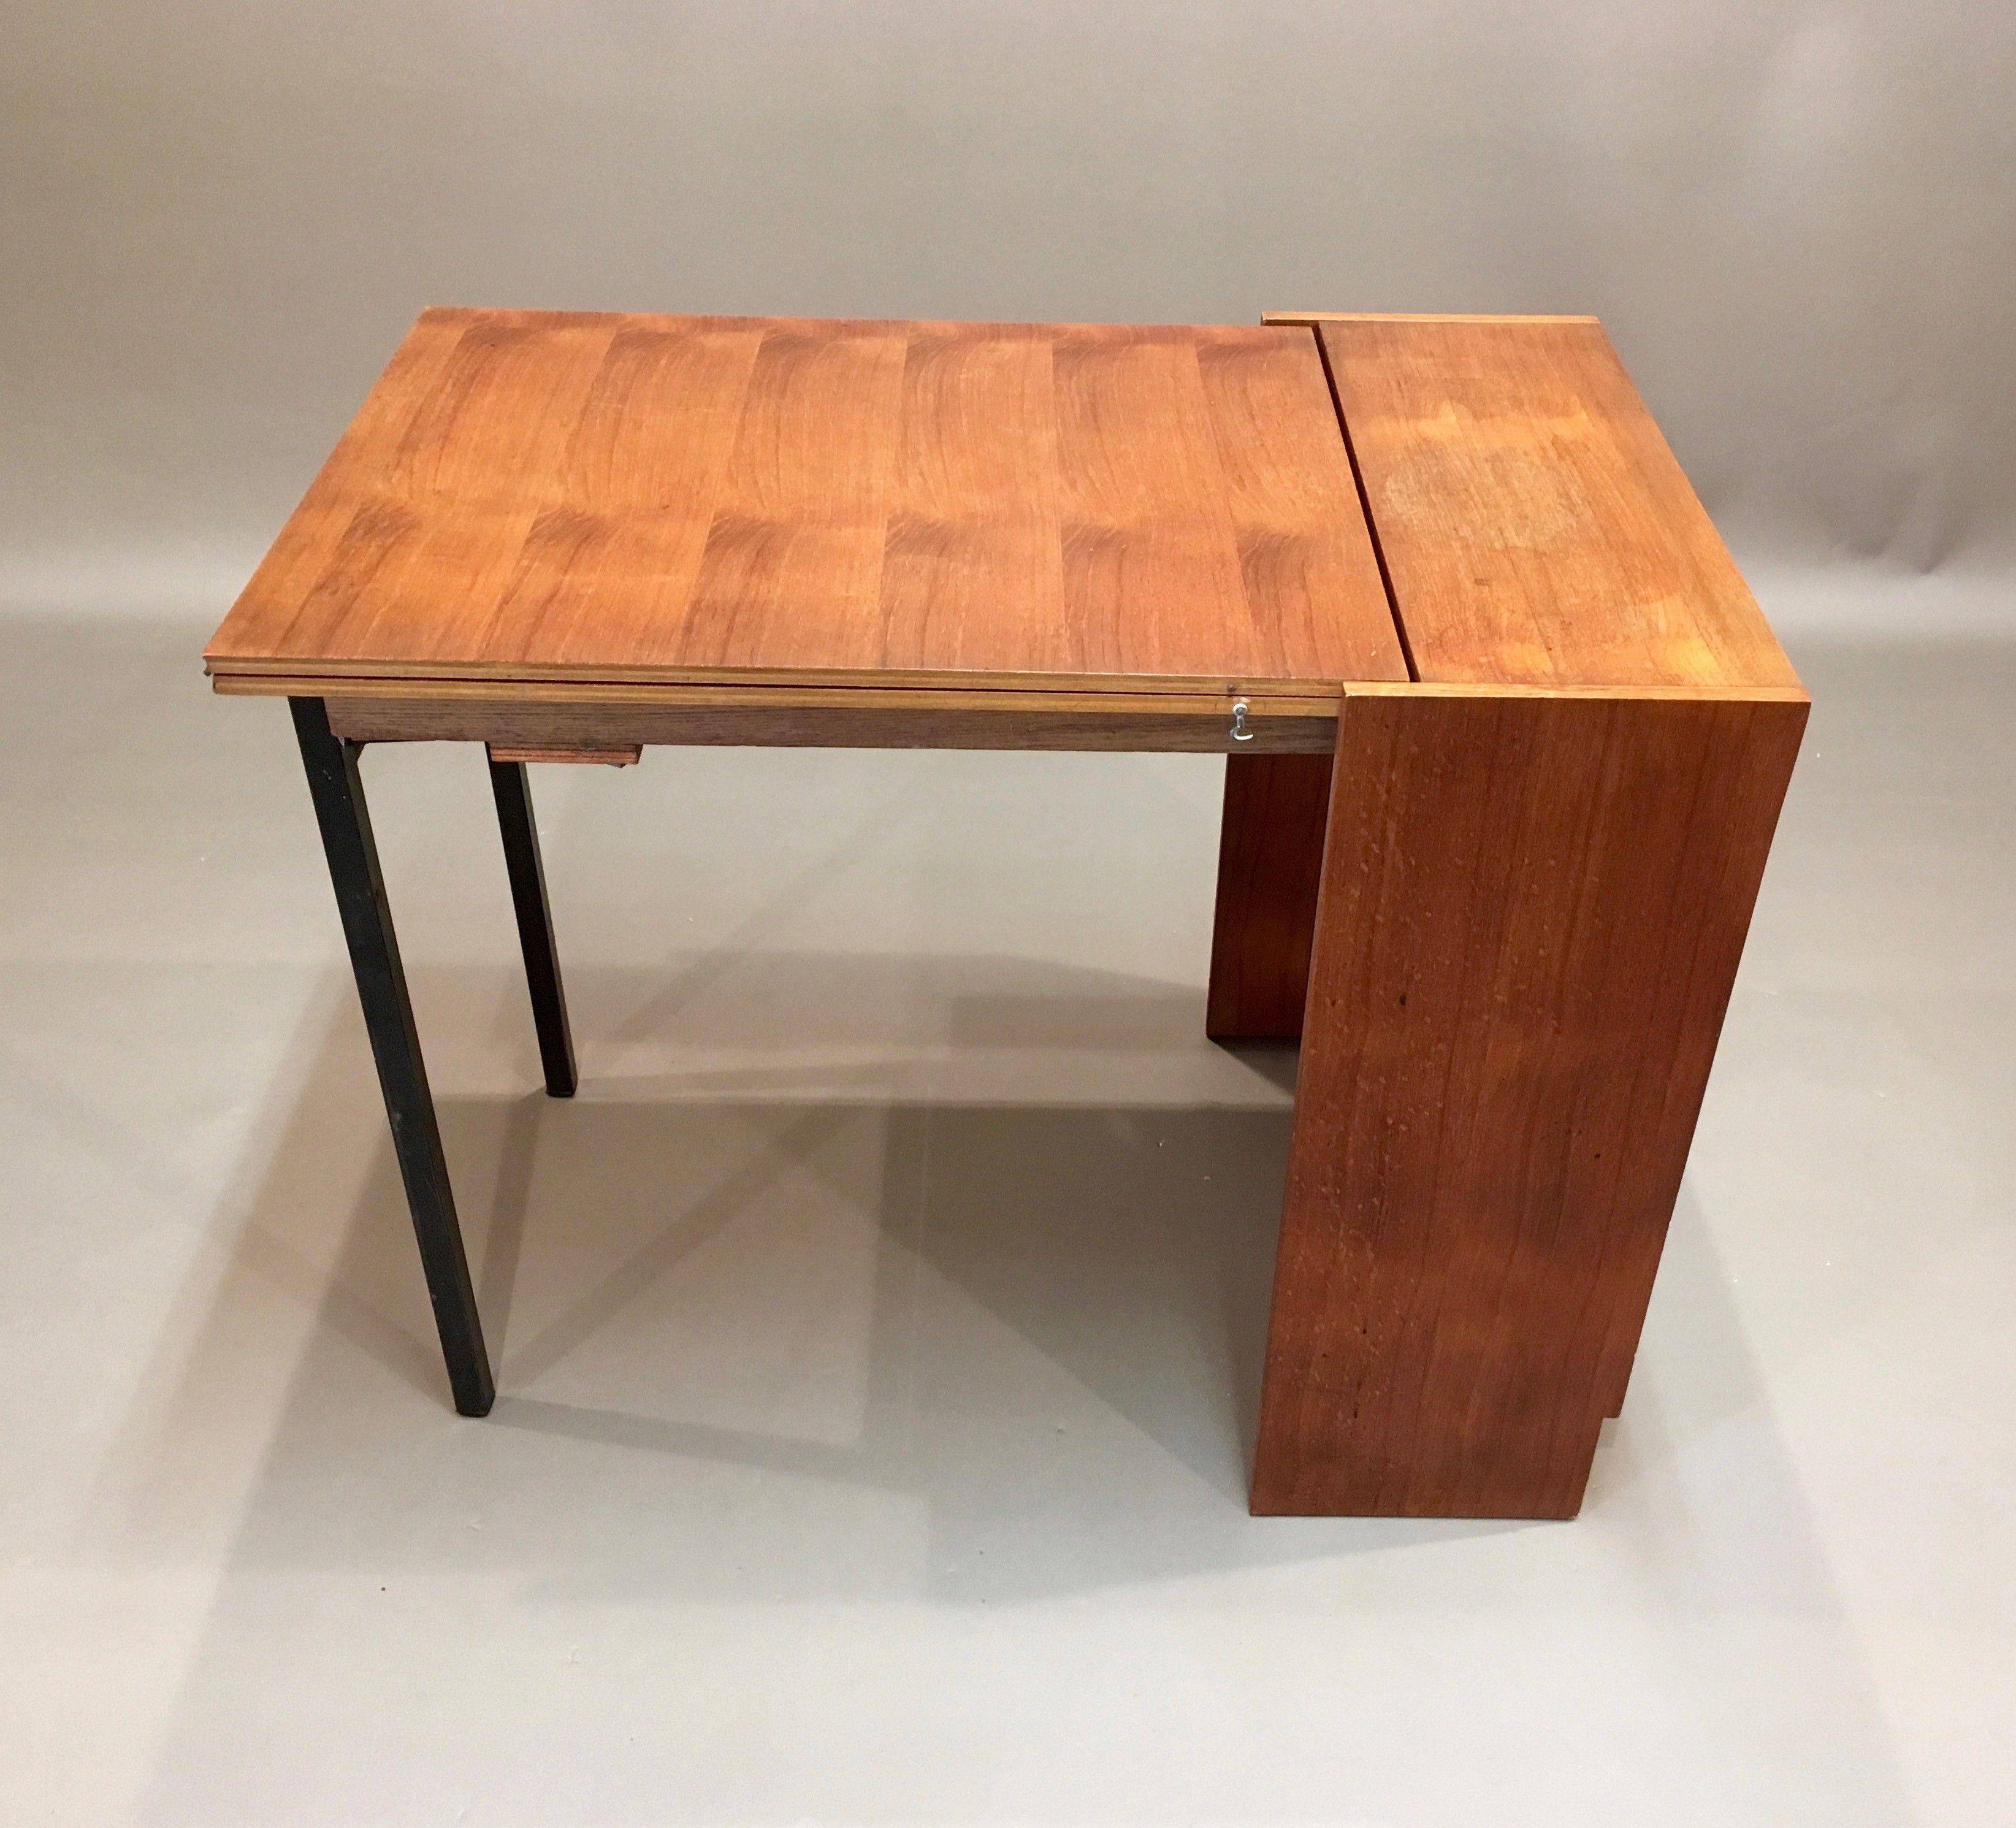 575bdb97b8acacb5740e811043eded90 Incroyable De Table Basse En Verre Design Haut De Gamme Conception